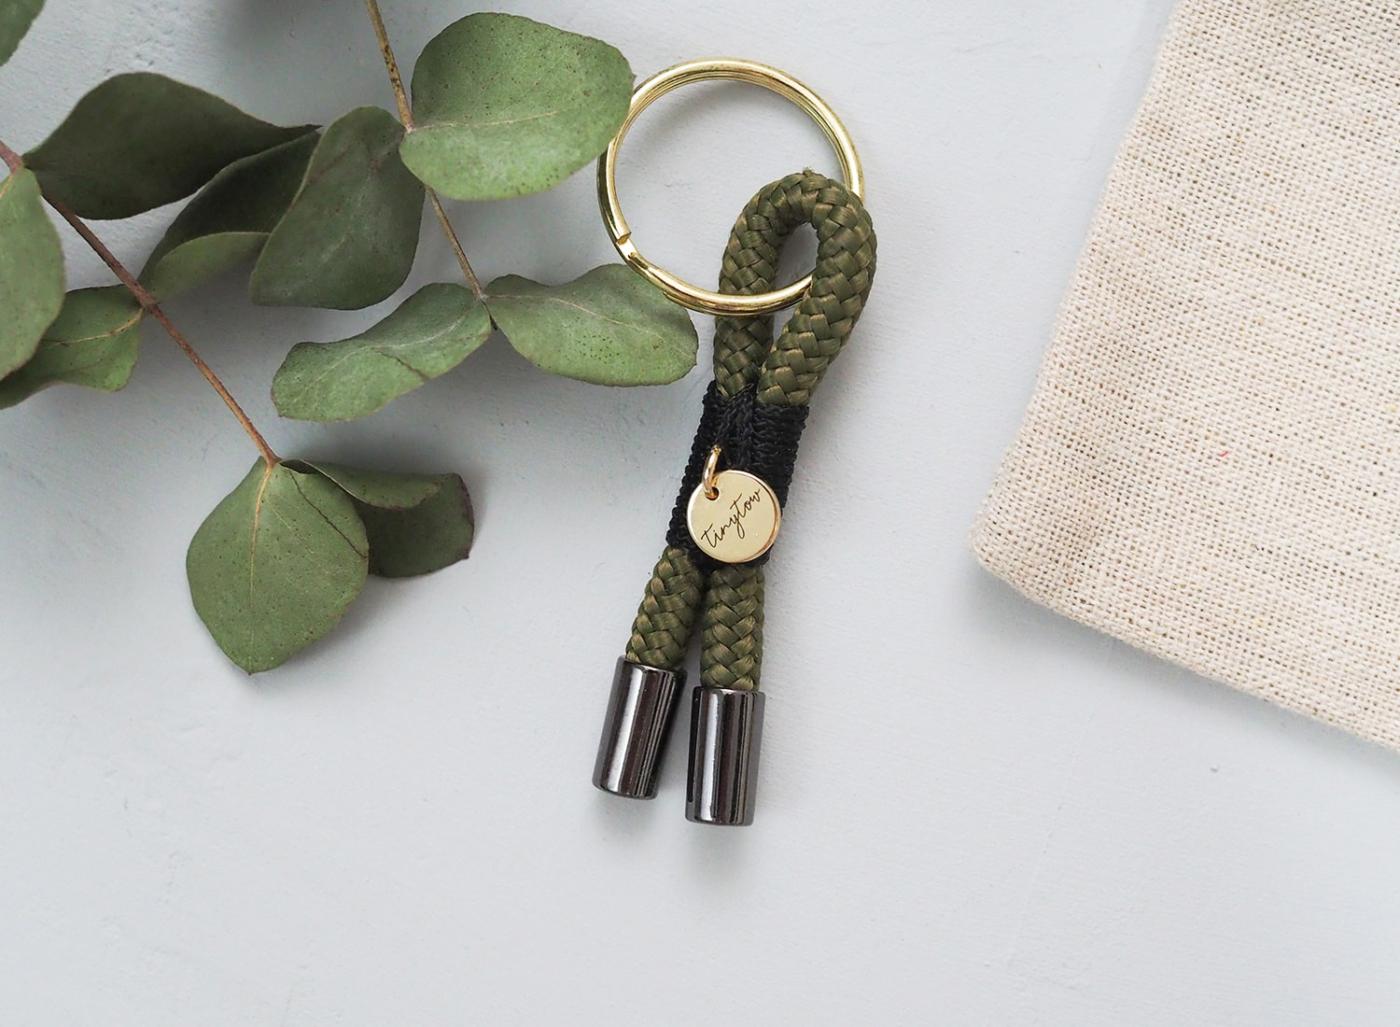 Schlüsselanhänger Tow y in grün schwarz aus Tauseil. In liebevoller Handarbeit gefertigt. Jedes Stück ein Unikat.